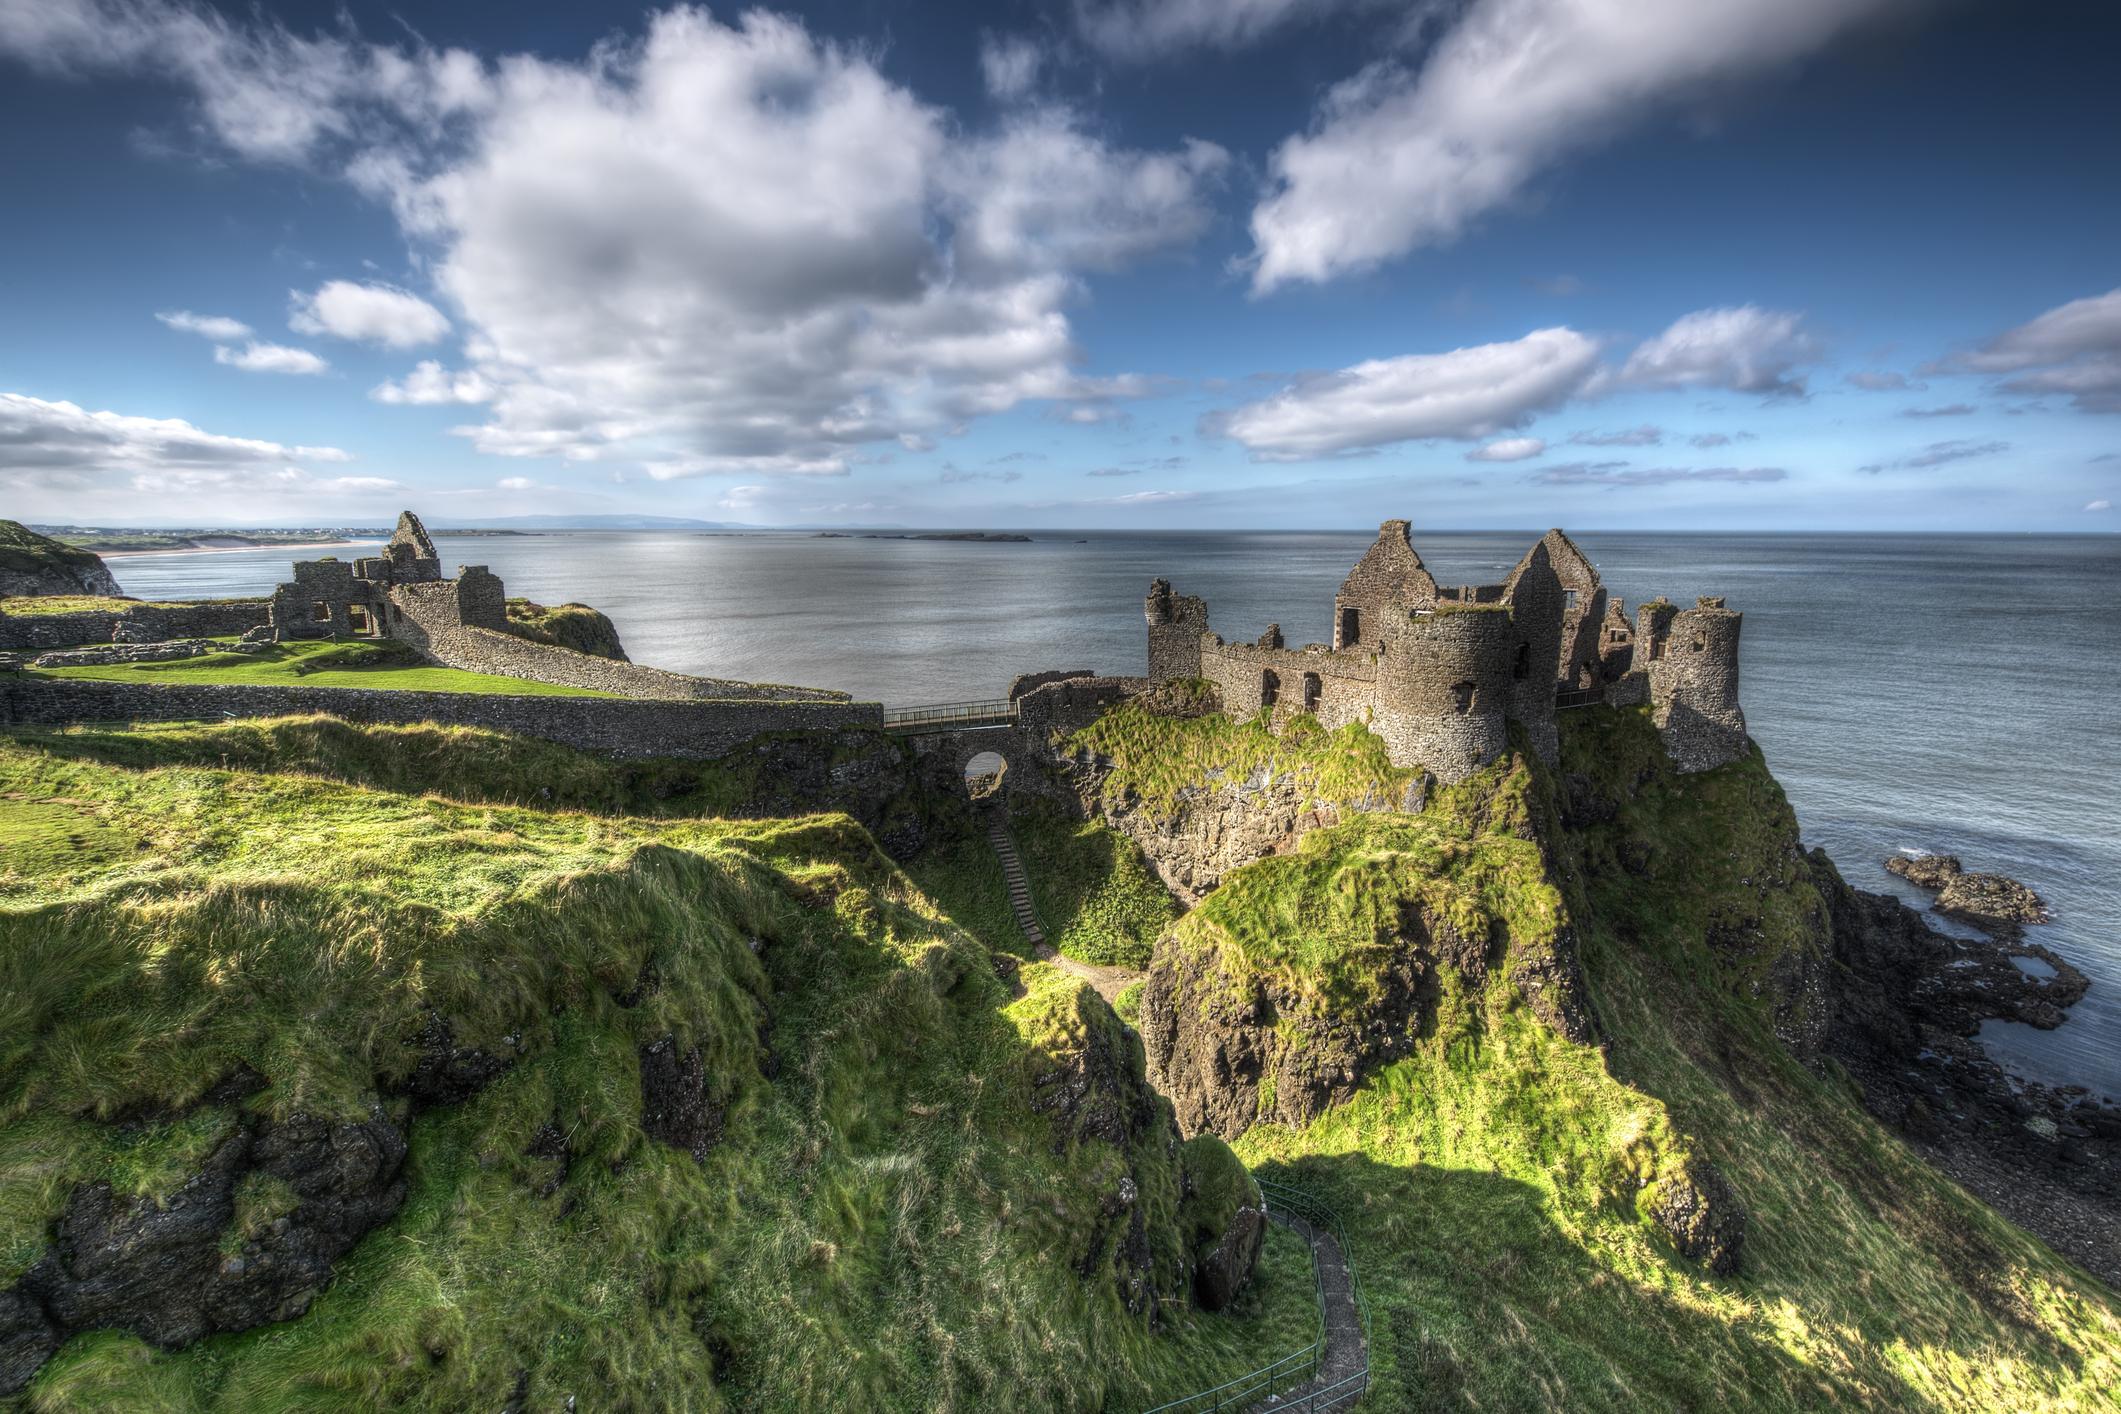 Globetrotting Vikings: The Raiding of Ireland